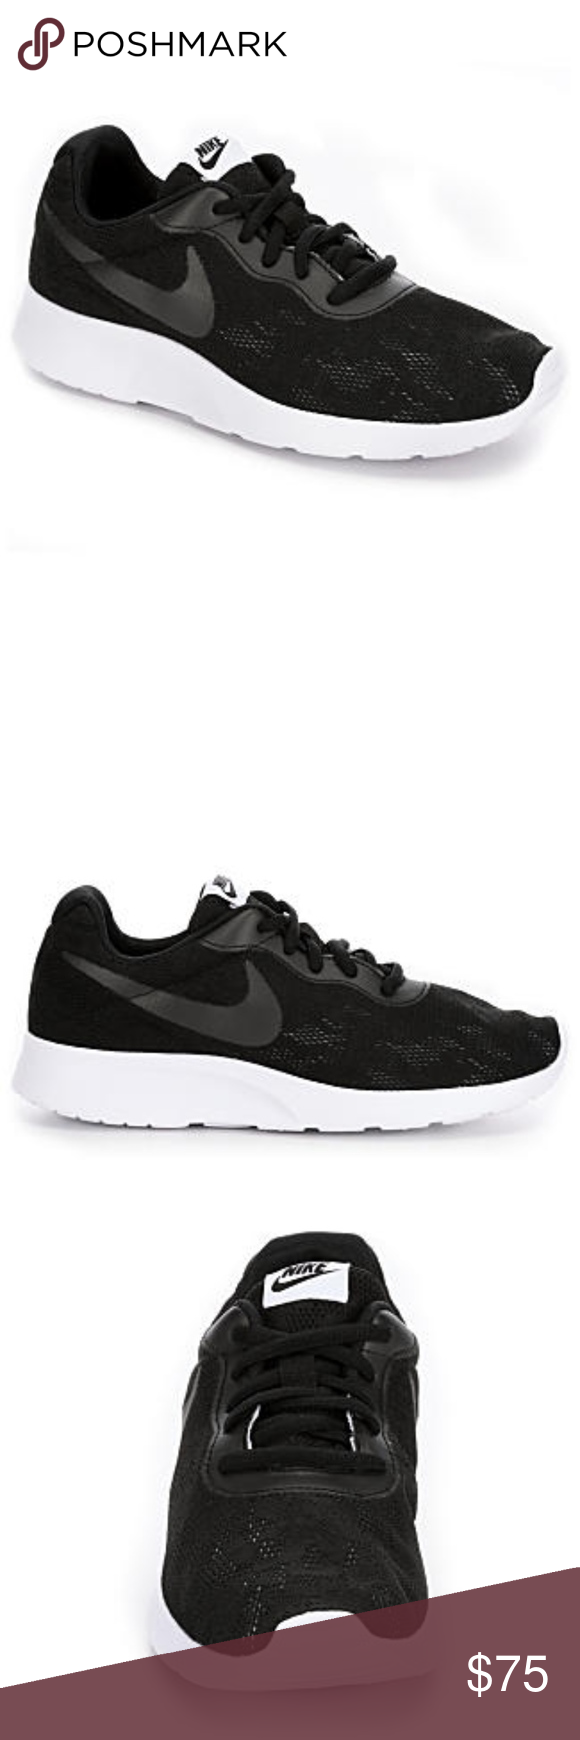 Nike Tanjun Eng Women's Running Shoe Brand new with original box!!!  Maximize your